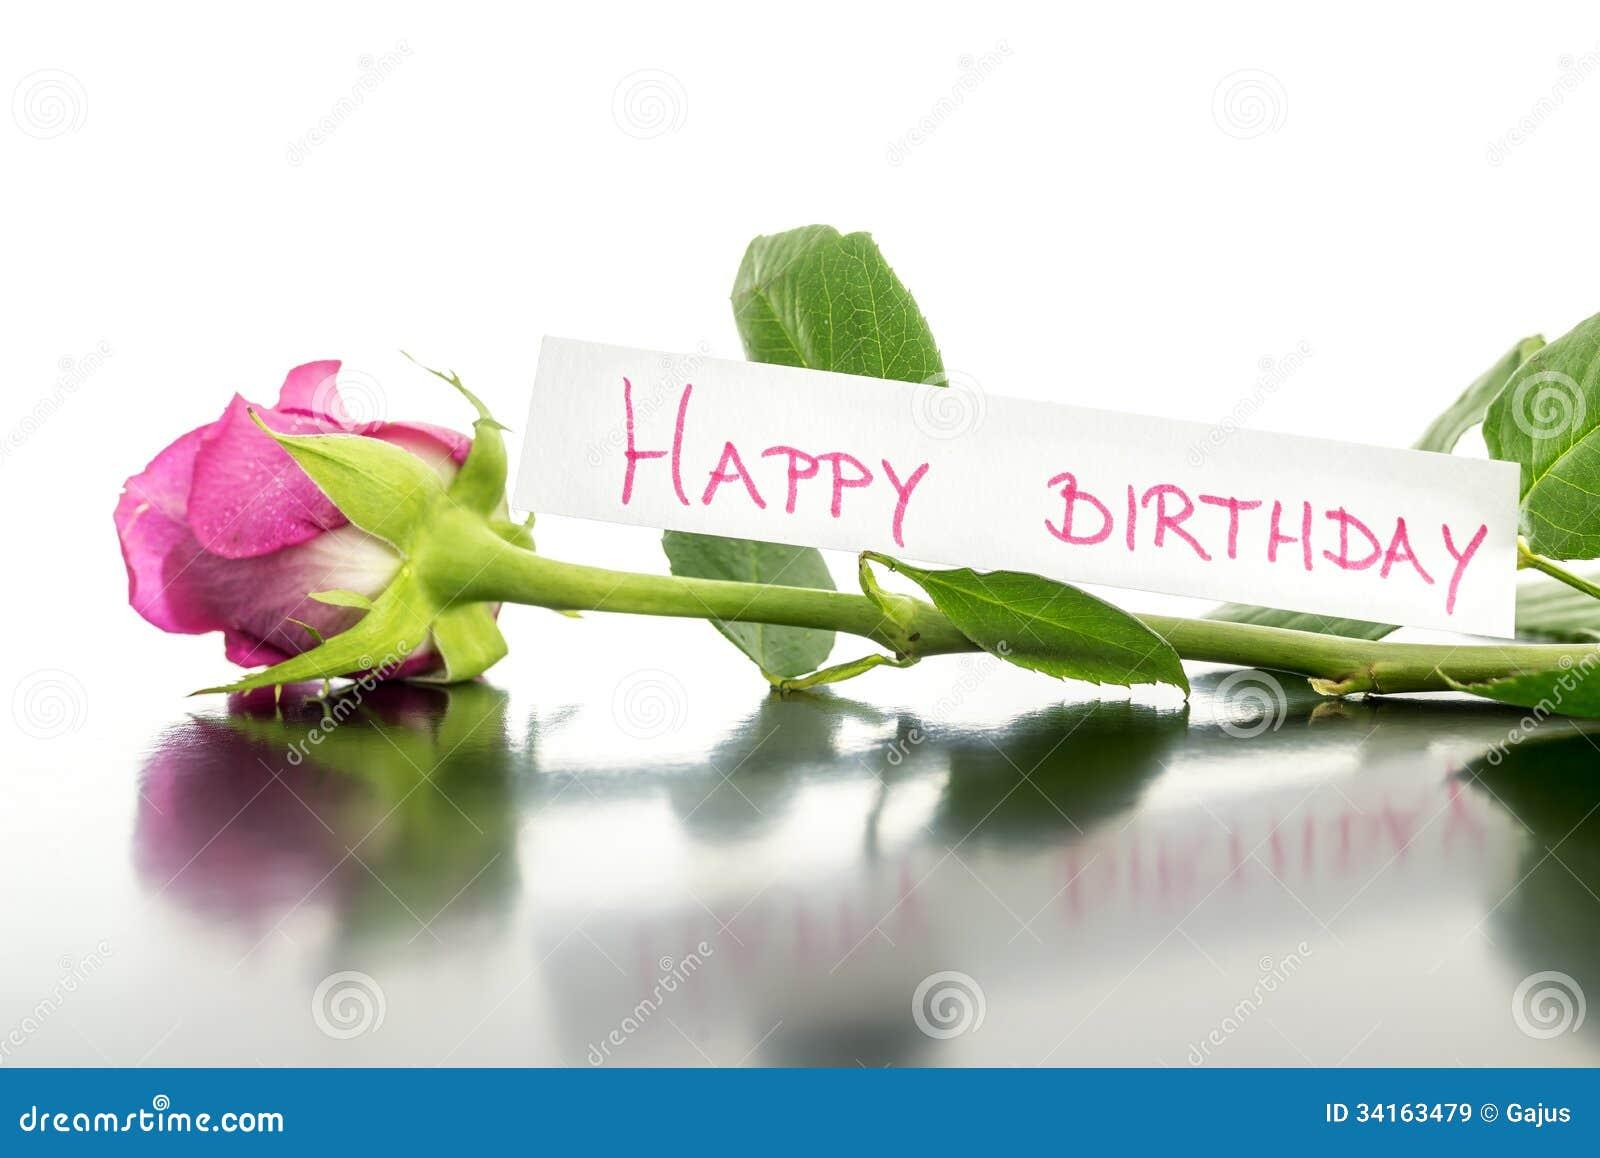 Fiore Di Buon Compleanno Immagine Stock Immagine Di Celebrazione